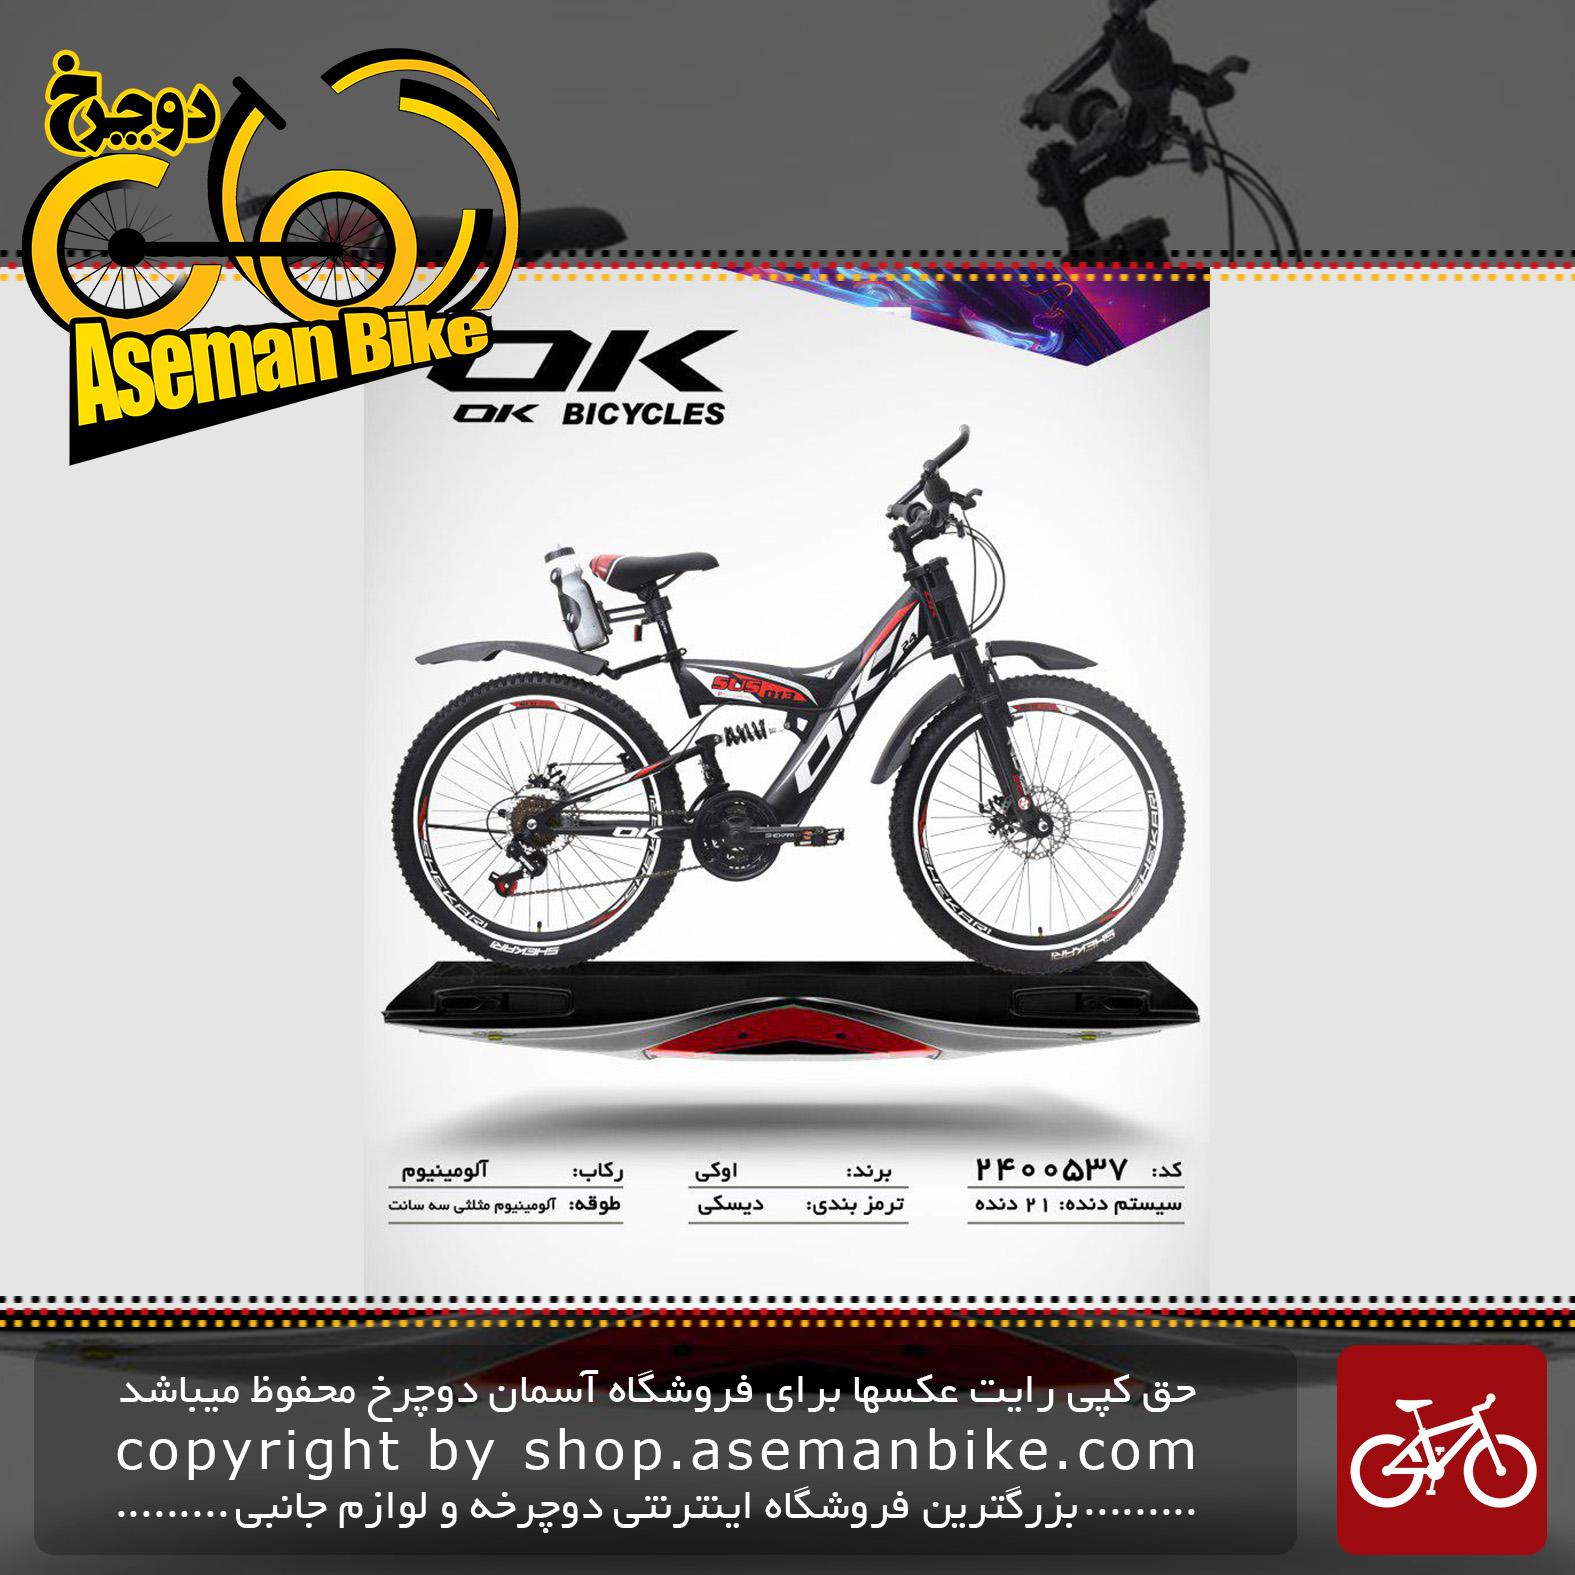 دوچرخه کوهستان شهری اوکی دو کمک 21 دنده مدل 537 21 دنده سایز 24 ساخت تایوان OK Mountain City Bicycle Taiwan 537 Size 24 21 Speed 2019